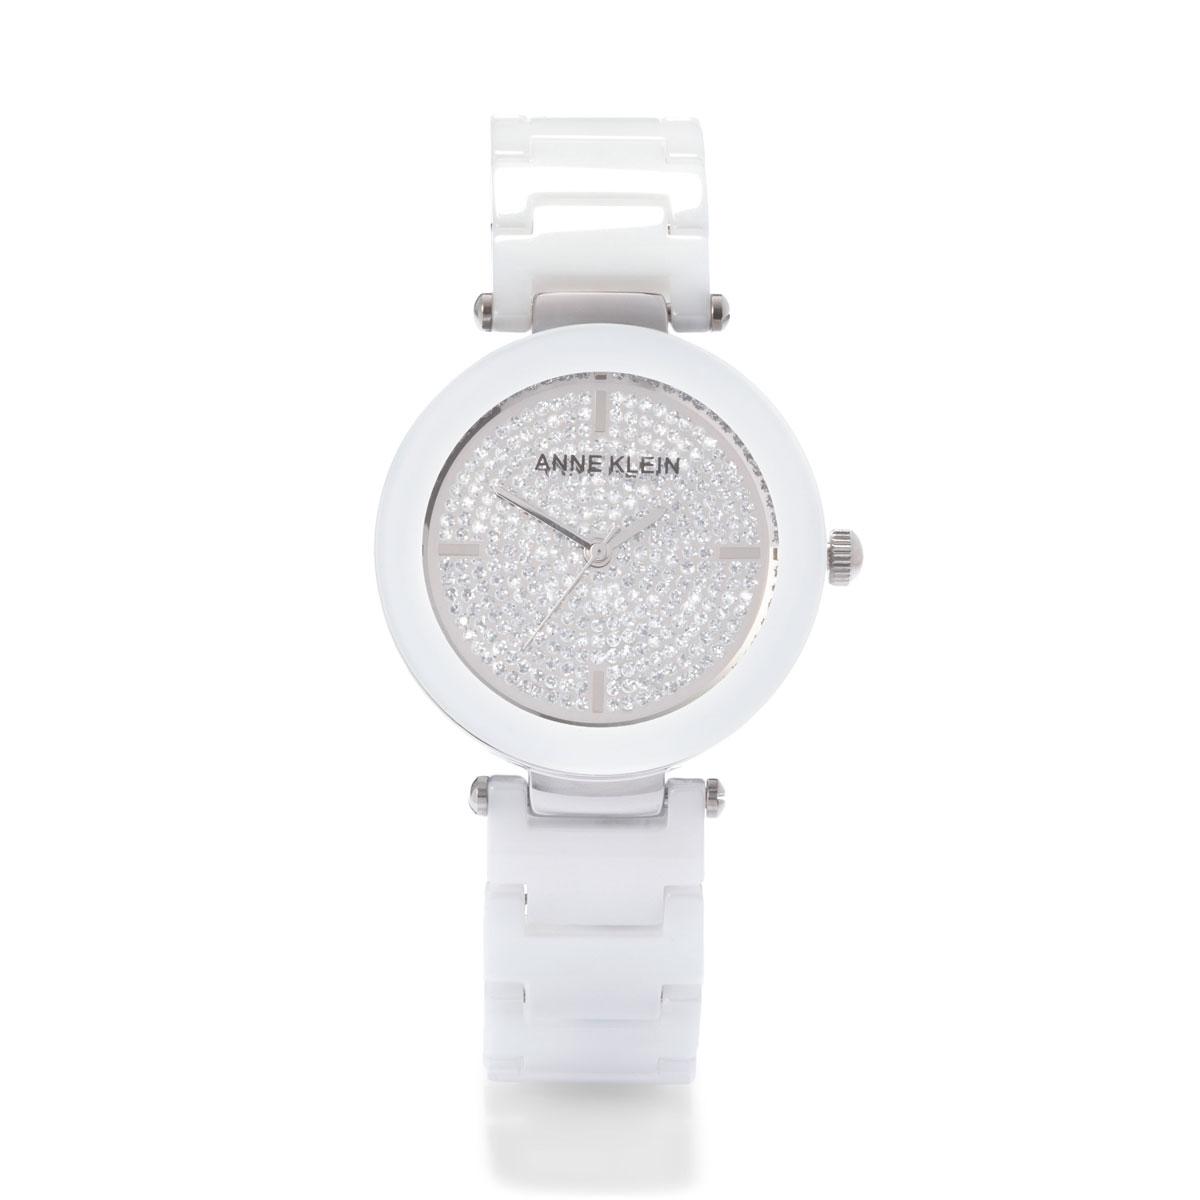 Часы наручные женские Anne Klein Ceramics, цвет: белый, стальной. 1019PVWT1019PVWTЭлегантные женские часы Anne Klein Ceramics изготовлены из нержавеющей стали, керамики и минерального стекла. Циферблат часов оформлен символикой бренда и блестками. Корпус изделия оснащен кварцевым механизмом, который имеет степень влагозащиты равную 3 Bar, дополнен устойчивым к царапинам минеральным стеклом. Браслет оснащен складным замком с дополнительным звеном, который позволит с легкостью снимать и надевать изделие. Часы поставляются в фирменной упаковке. Часы Anne Klein Ceramics подчеркнут изящность женской руки и отменное чувство стиля у их обладательницы.